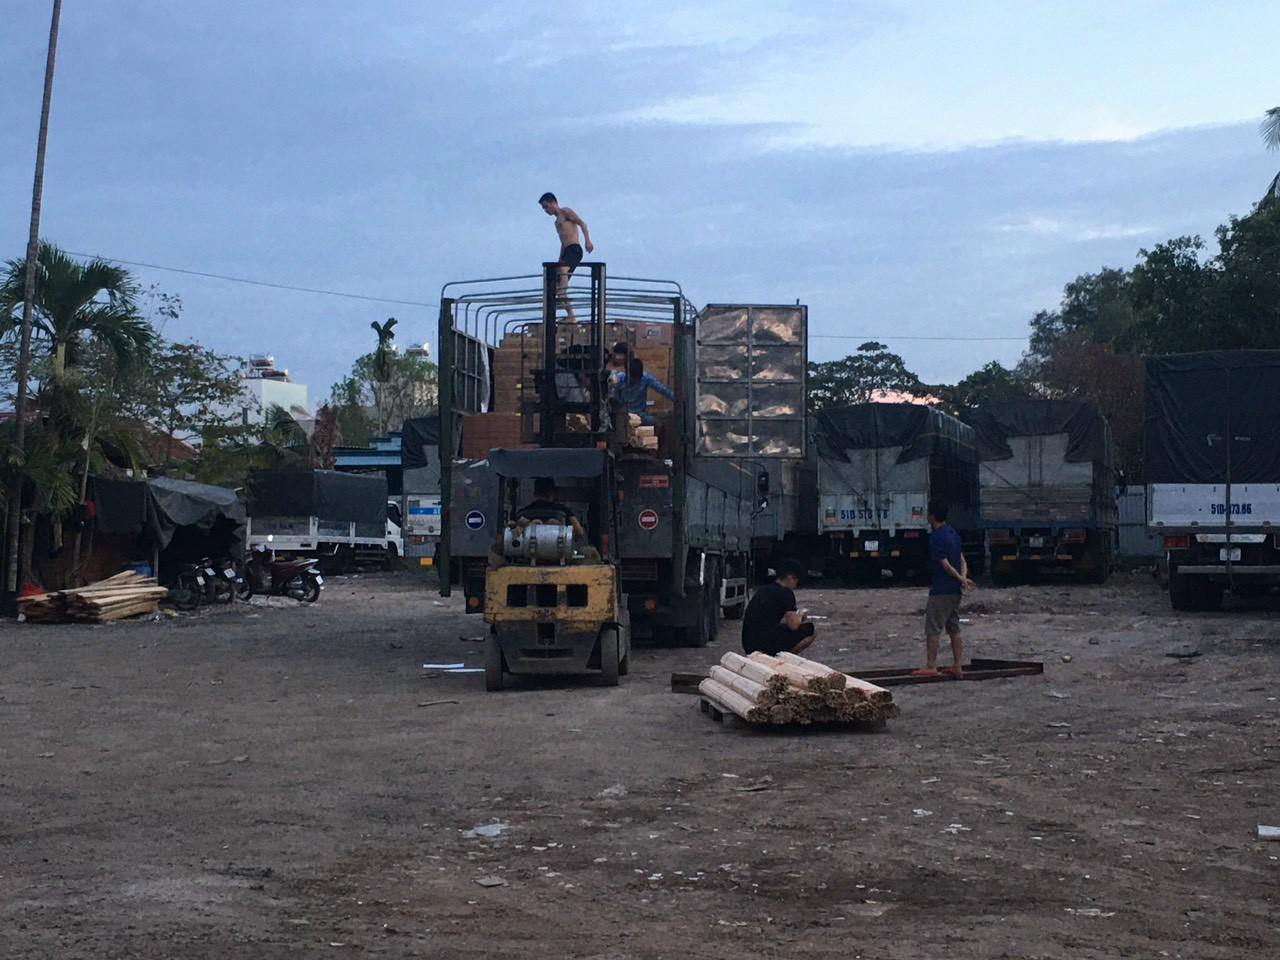 Nhà xe chuyển hàng Đà Lạt Bình Dương